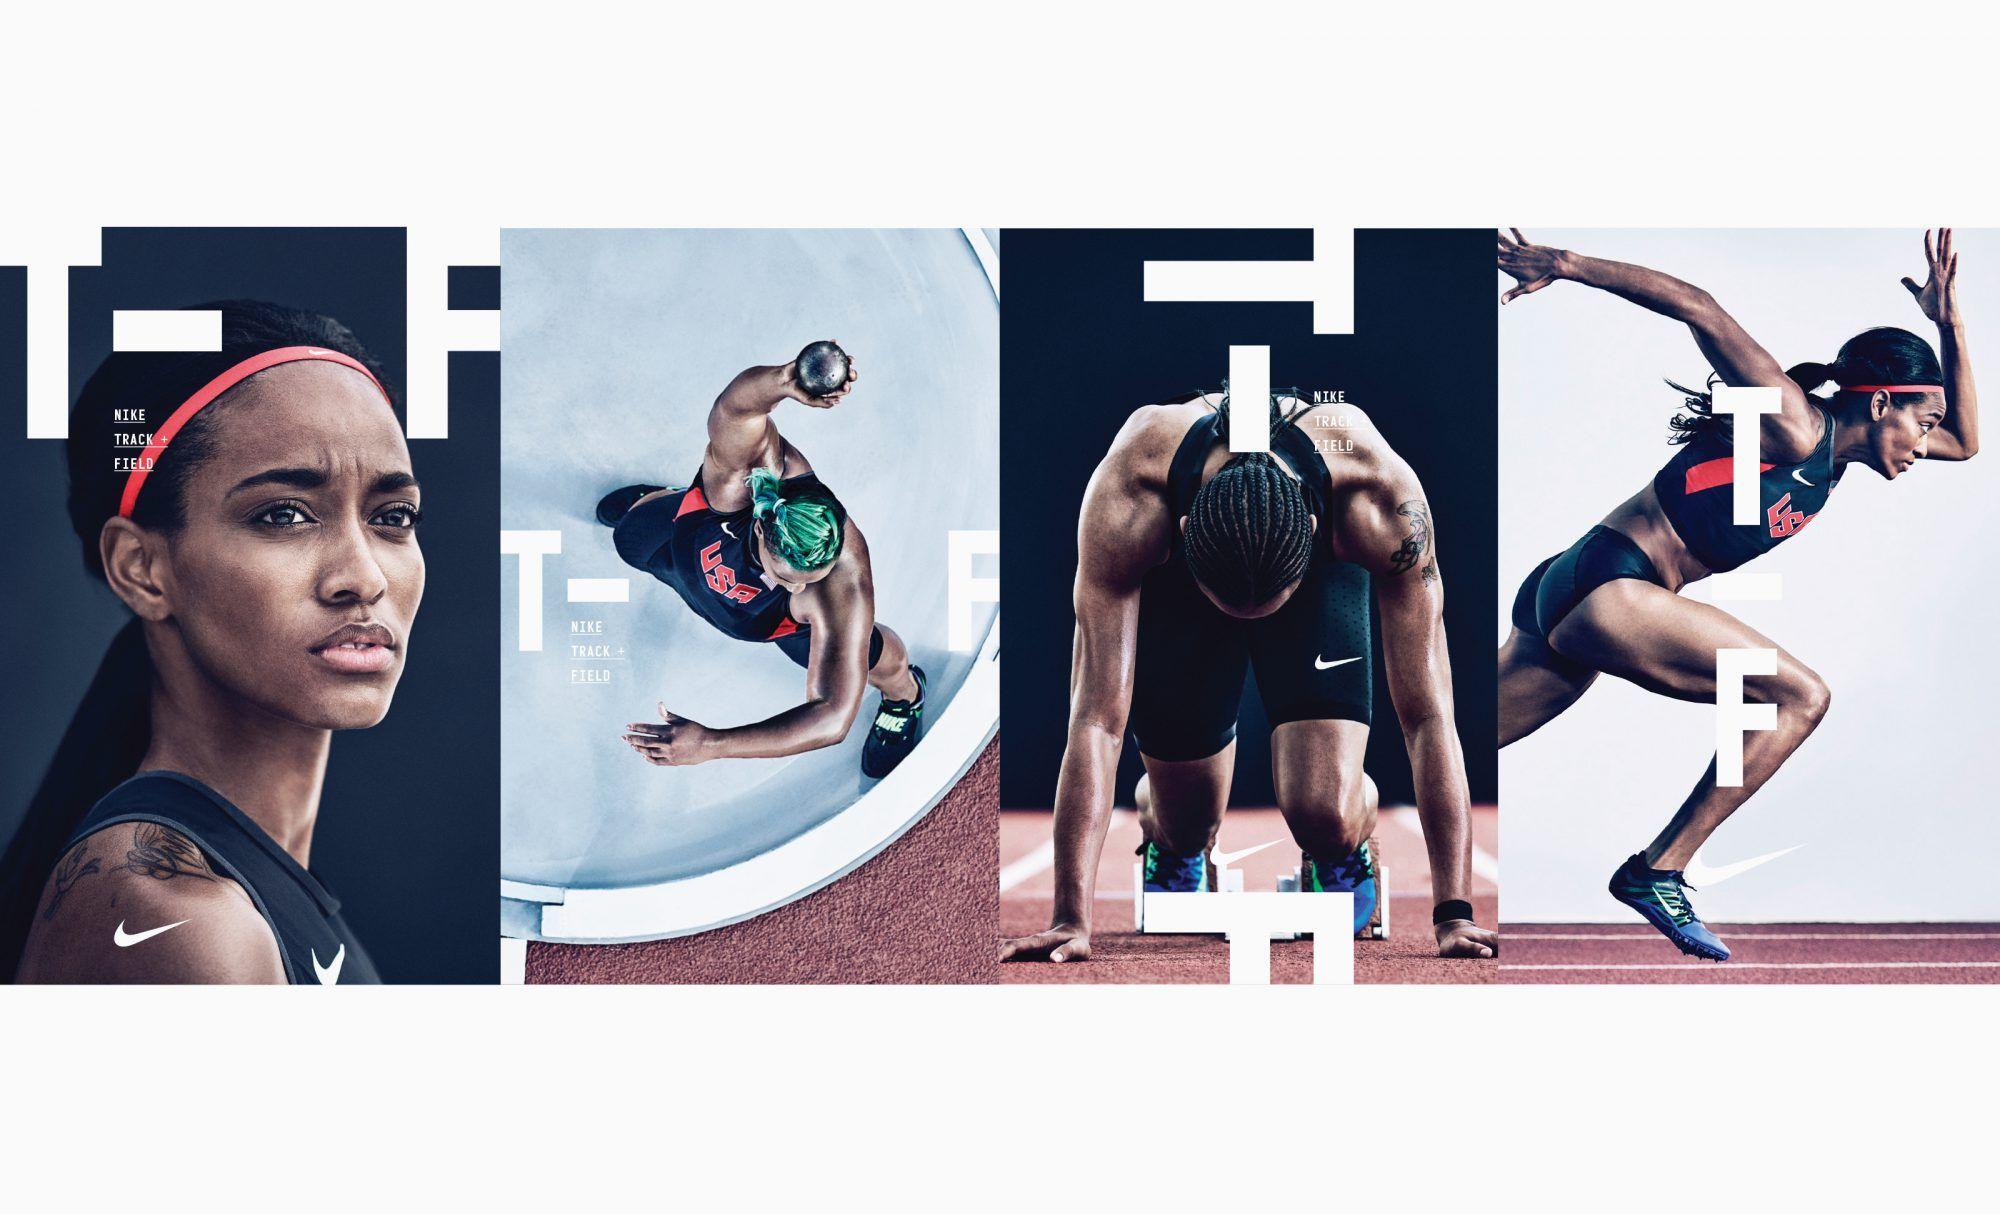 Inmigración Ordenado experimental  Nike - Track and Field — Build   Track and field, Nike track and field, Nike  design